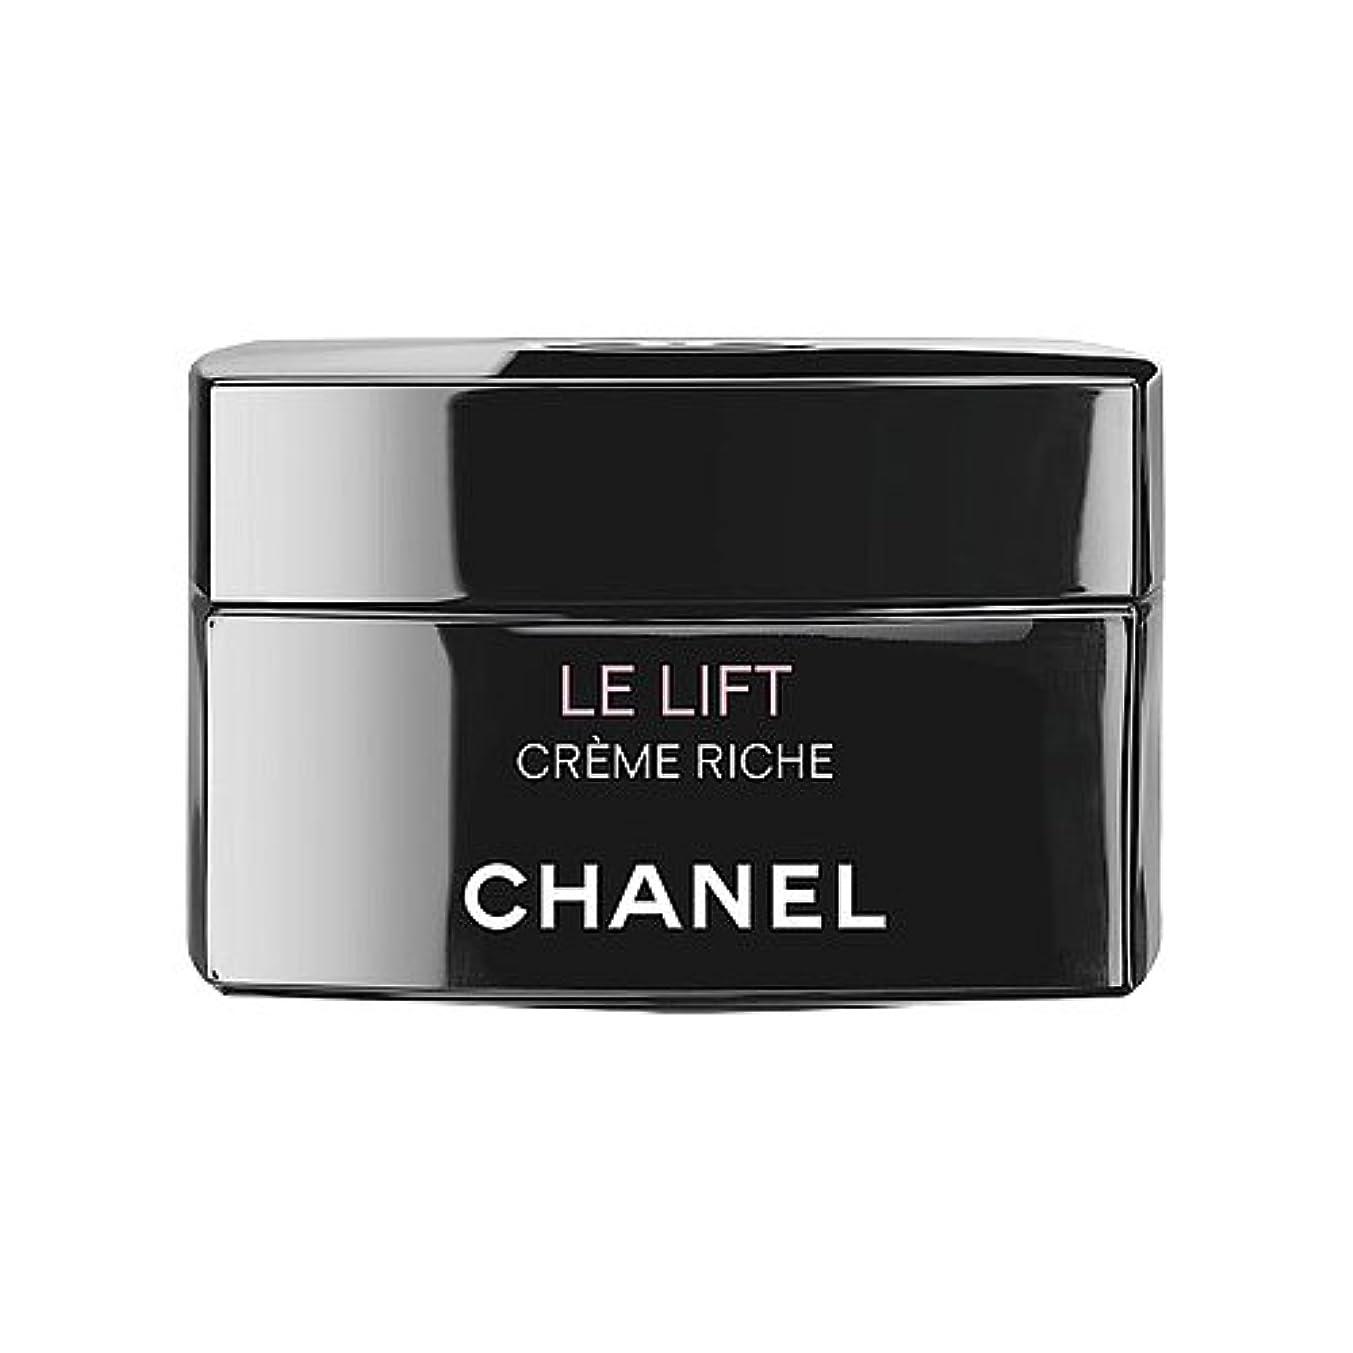 ちょうつがい家事実験室シャネル(CHANEL) LE L クレーム リッシュ 50g[並行輸入品]